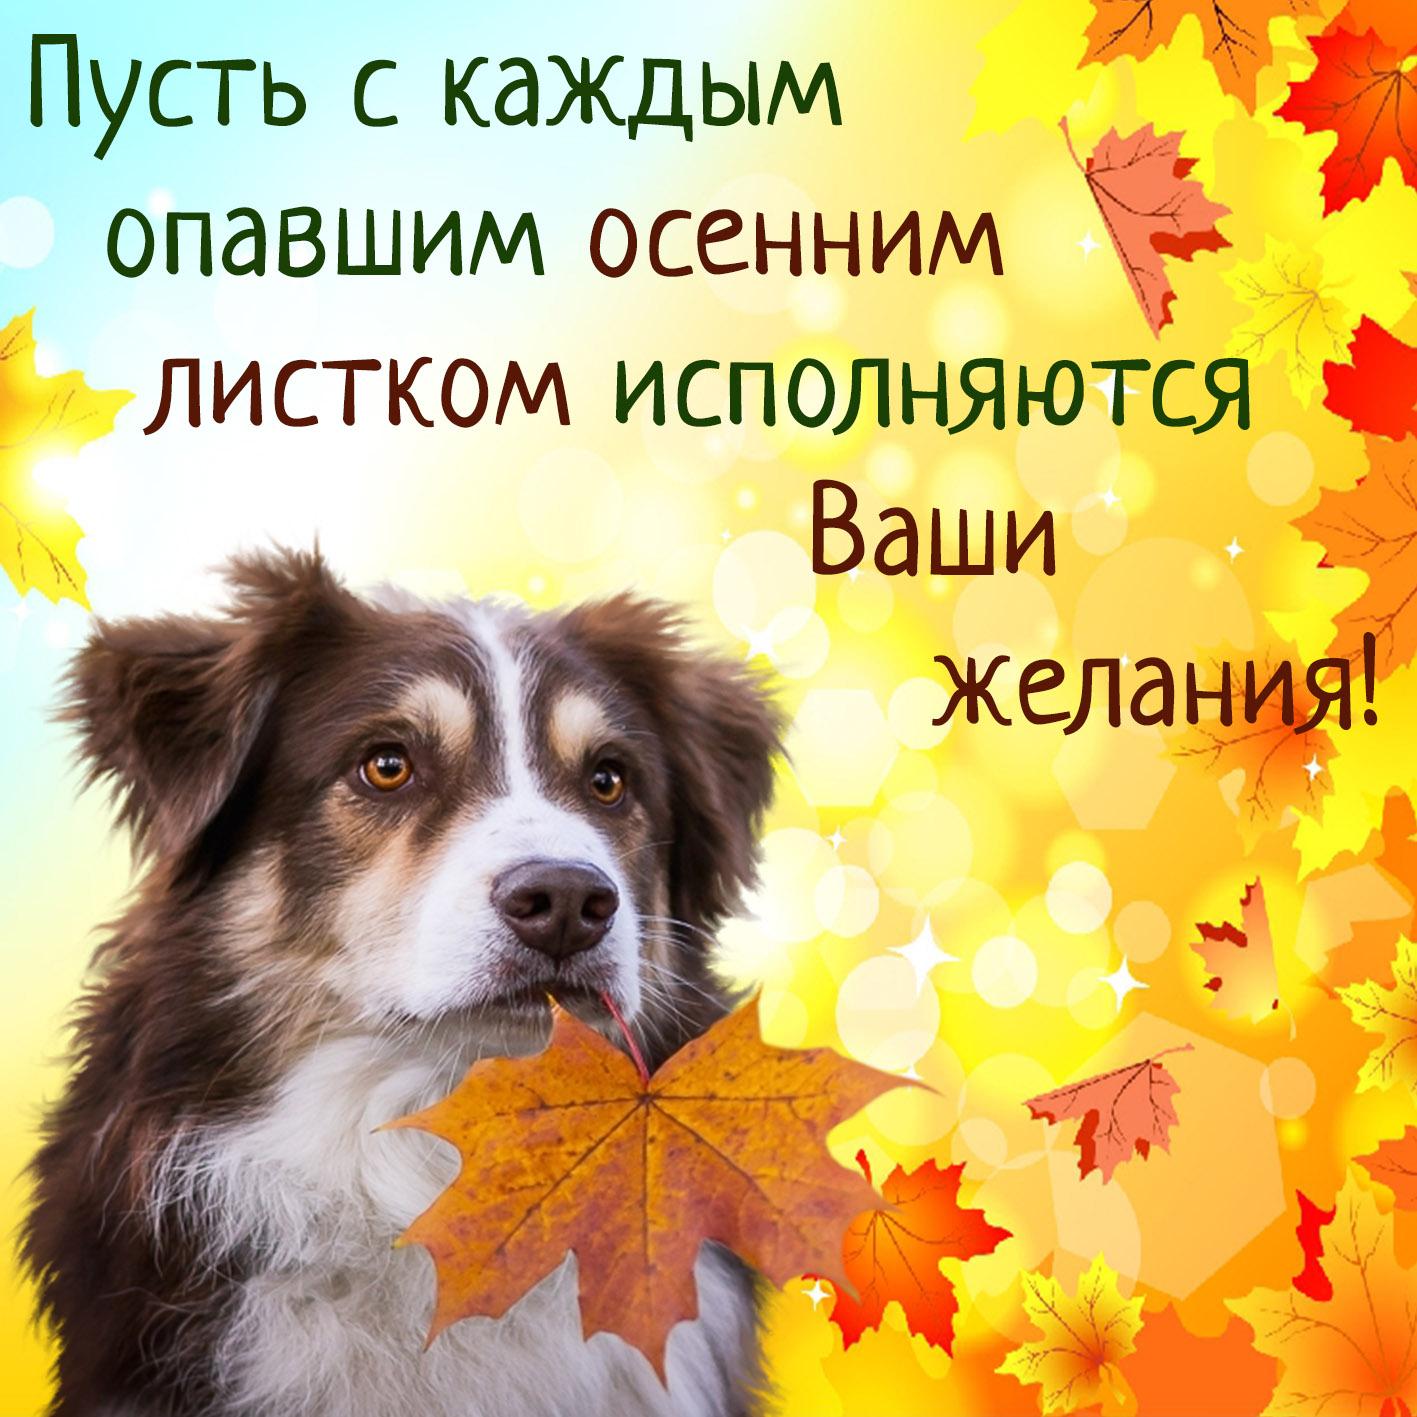 Год, открытки с хорошим настроением на весь день осень